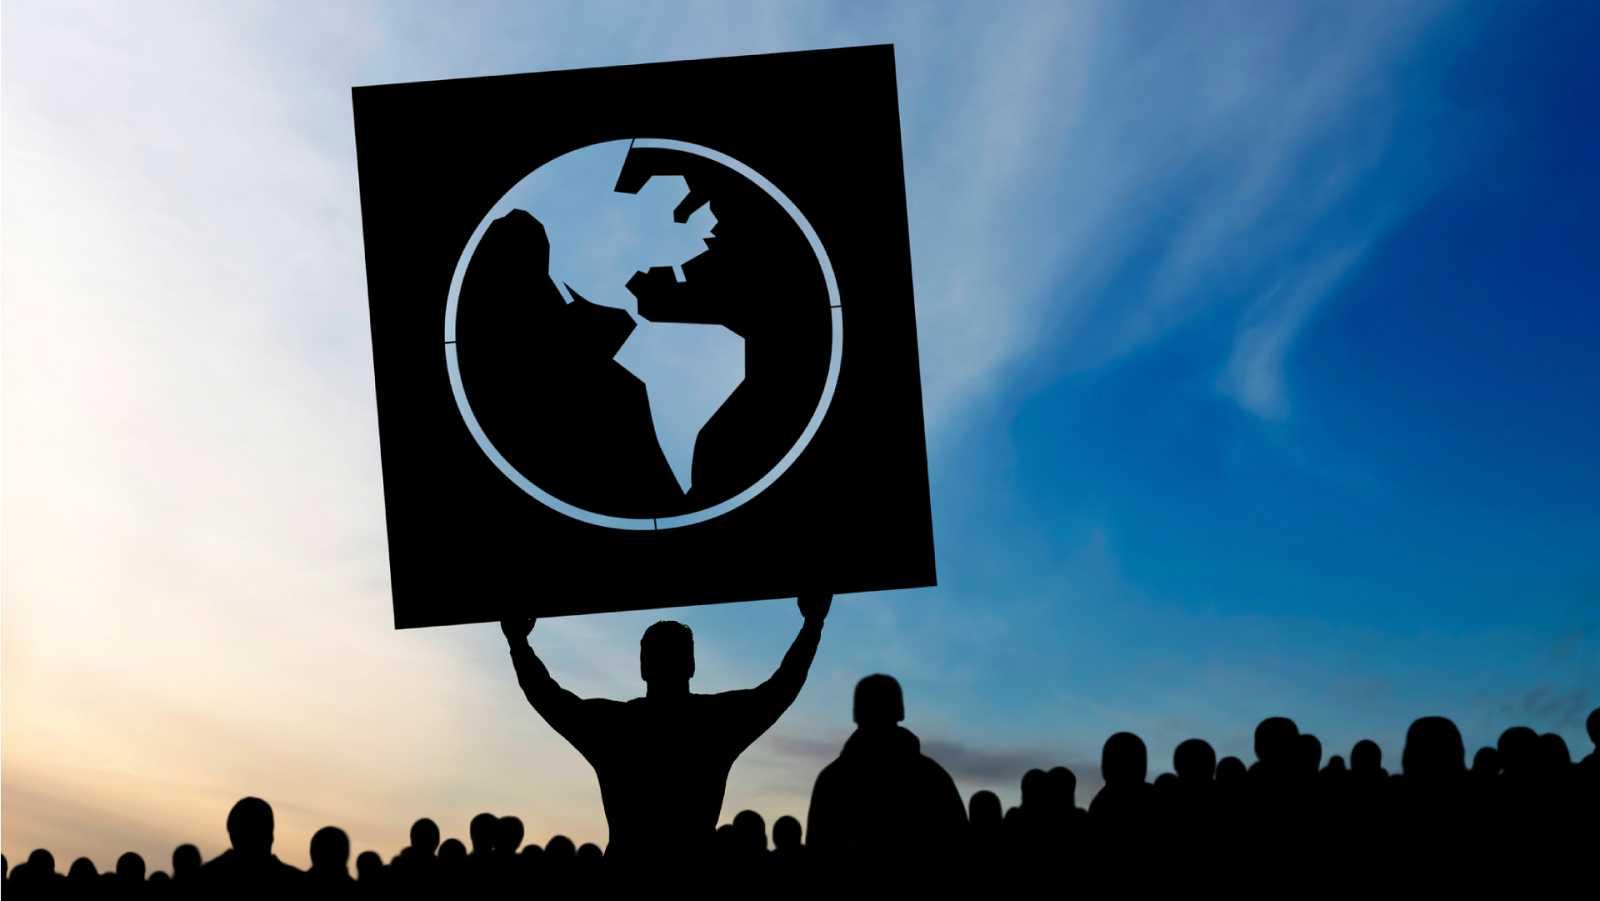 14 horas Fin de Semana - Organizaciones de Comercio Justo piden una recuperación económica basada en los DDHH y la protección del planeta - Escuchar ahora